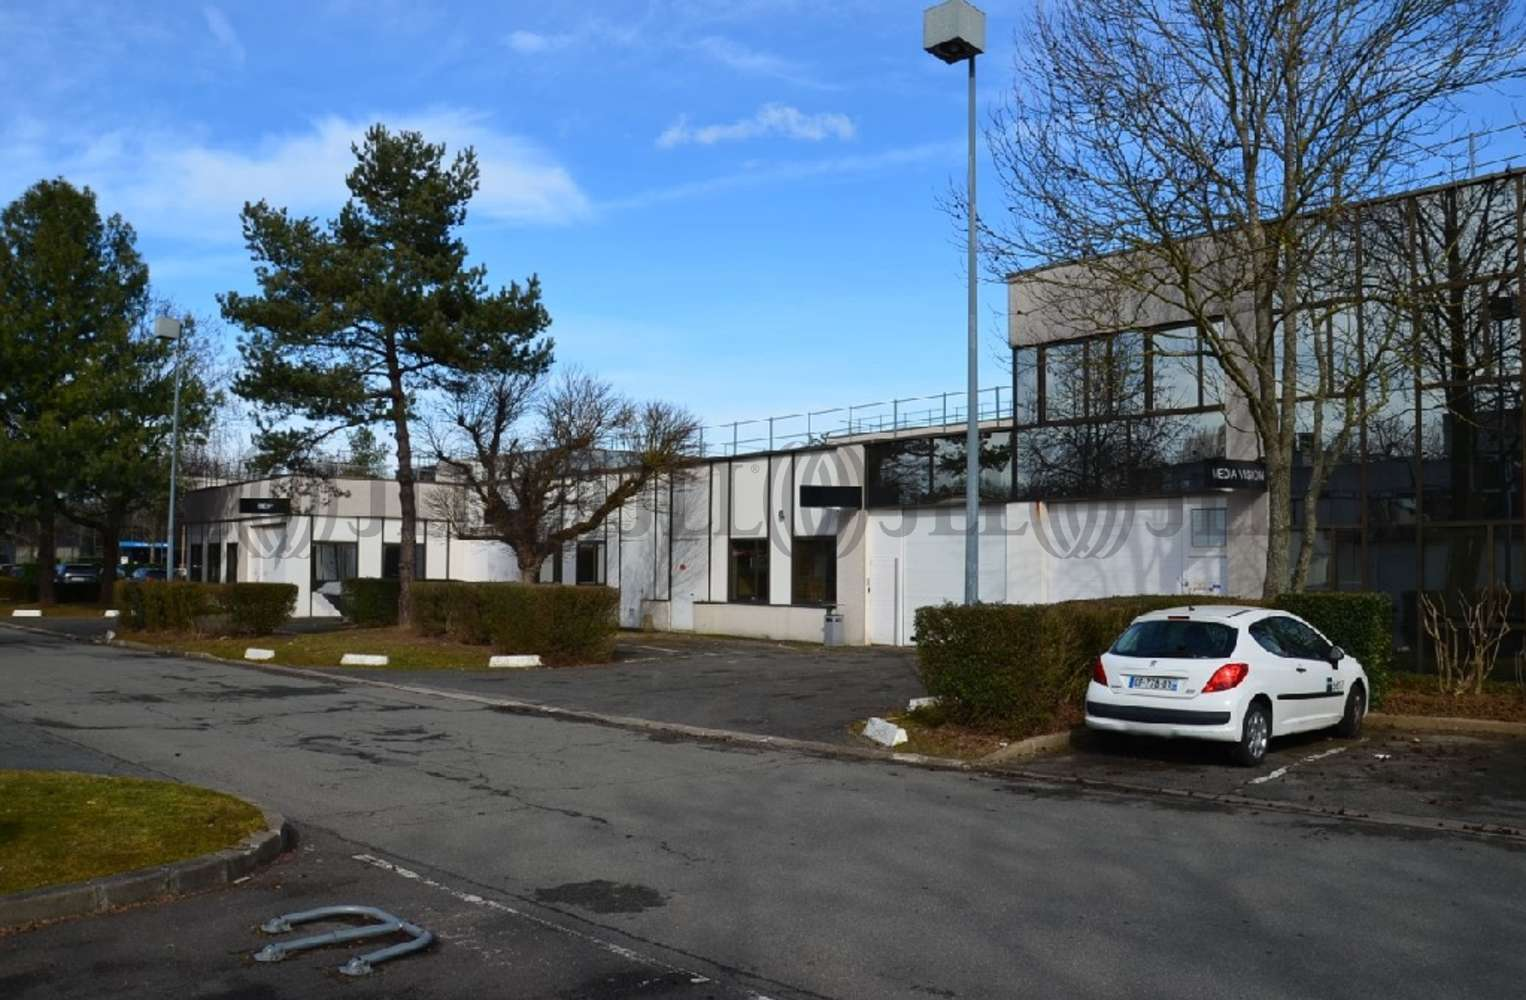 Activités/entrepôt Tremblay en france, 93290 - EIDER